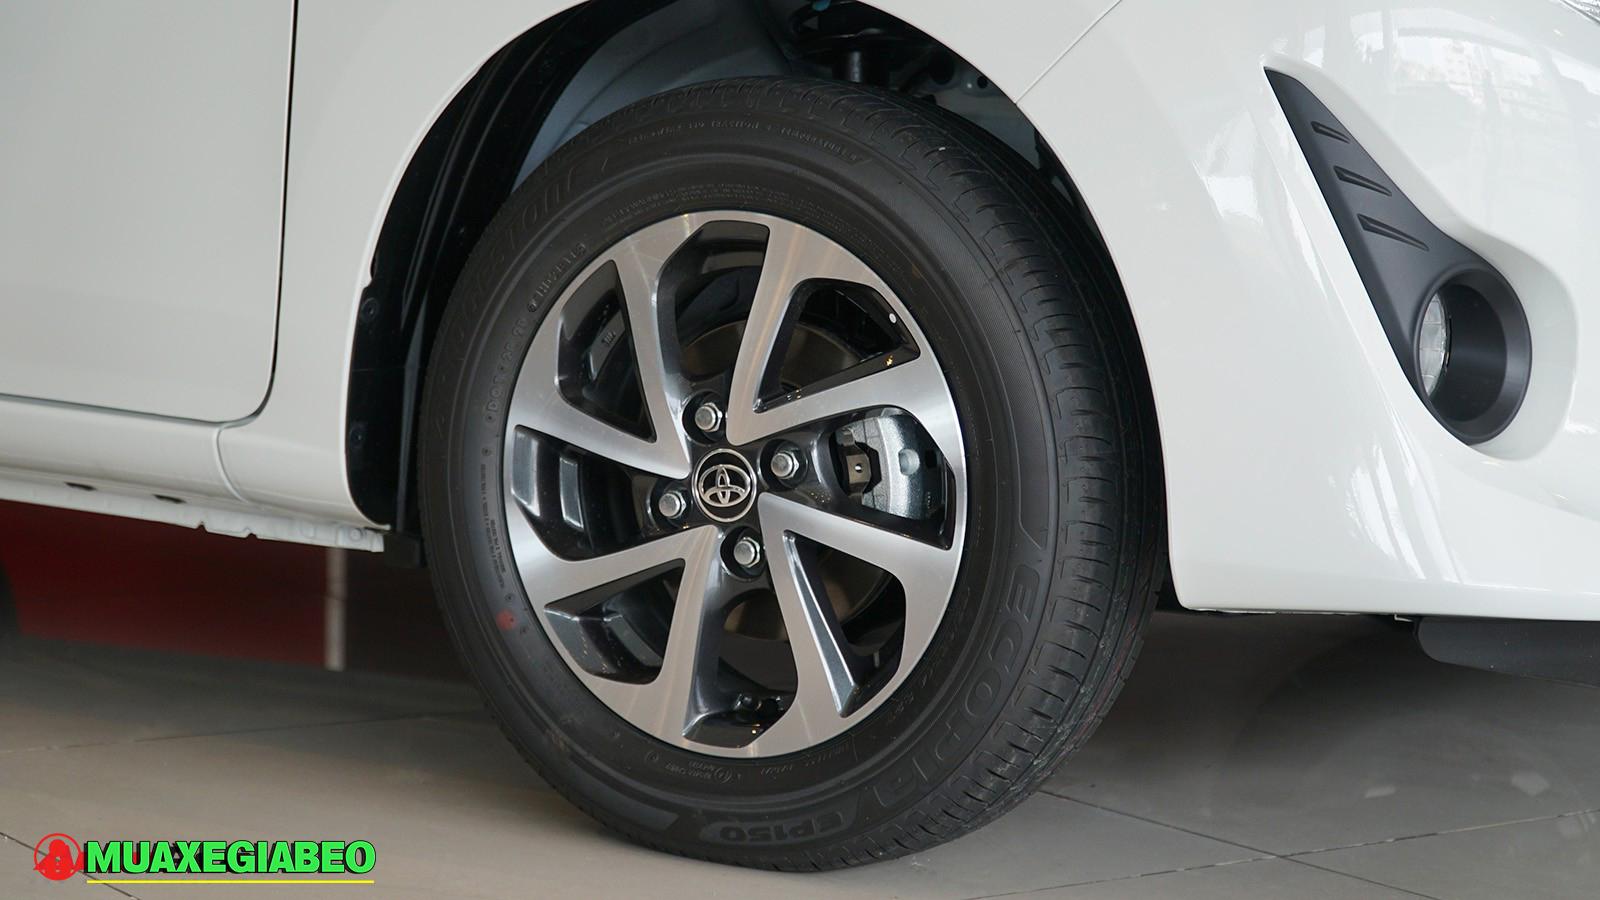 Đánh giá tổng quan về Toyota Wigo AT số tự động phiên bản cao cấp ảnh 6 - Wigo 1.2AT [hienthinam] (số tự động): giá xe và khuyến mãi mới